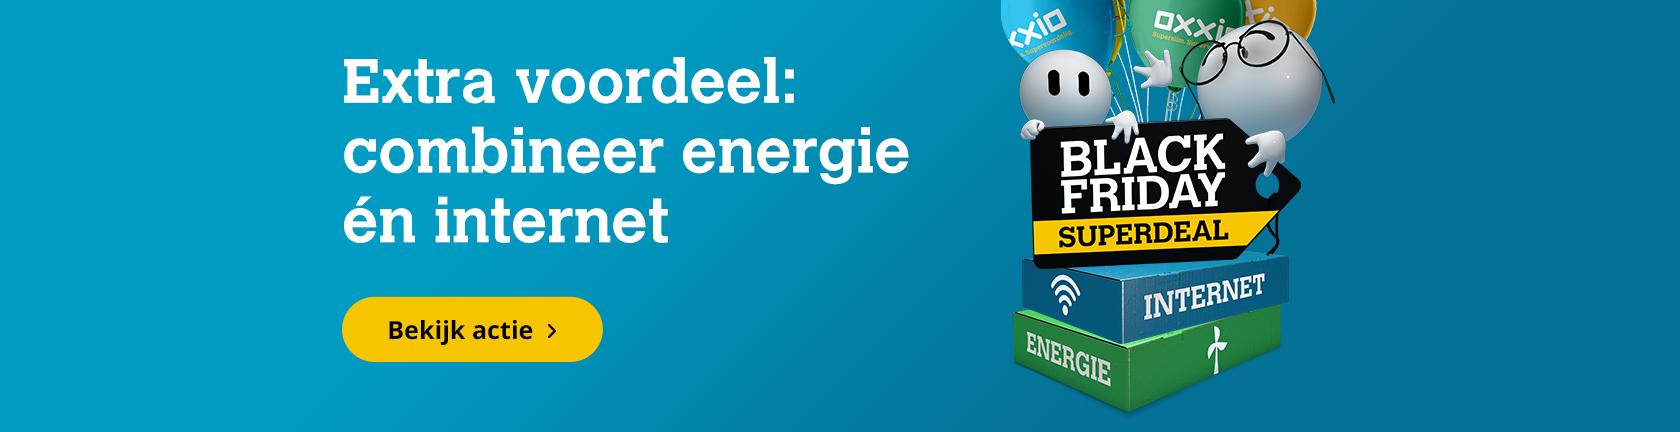 Extra voordeel: Combineer energie en internet - Black Friday superdeal. Bekijk de actie.